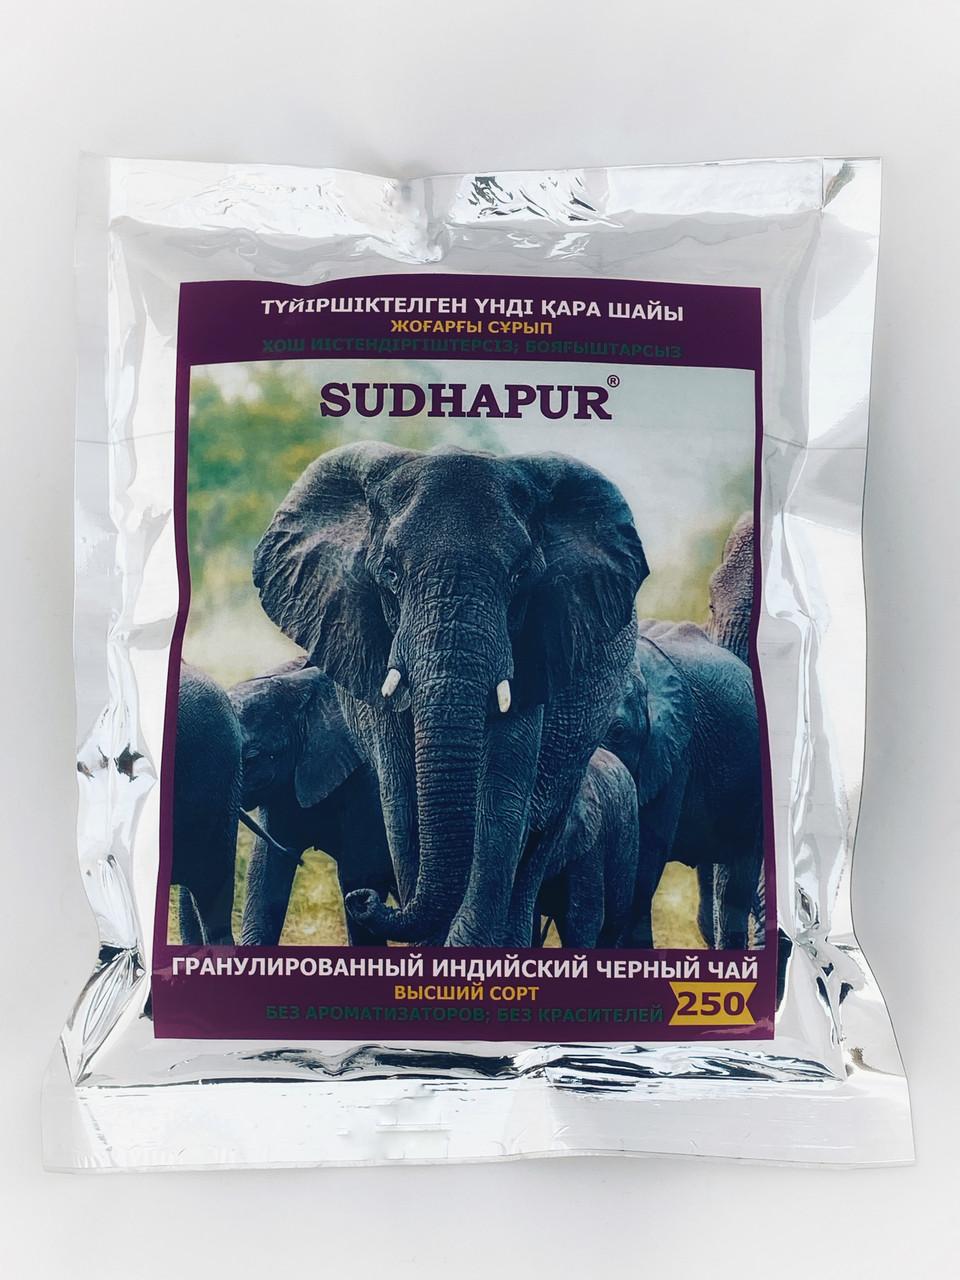 Гранулированный черный чай, Индия, высший сорт, 250 гр, Sudhapur